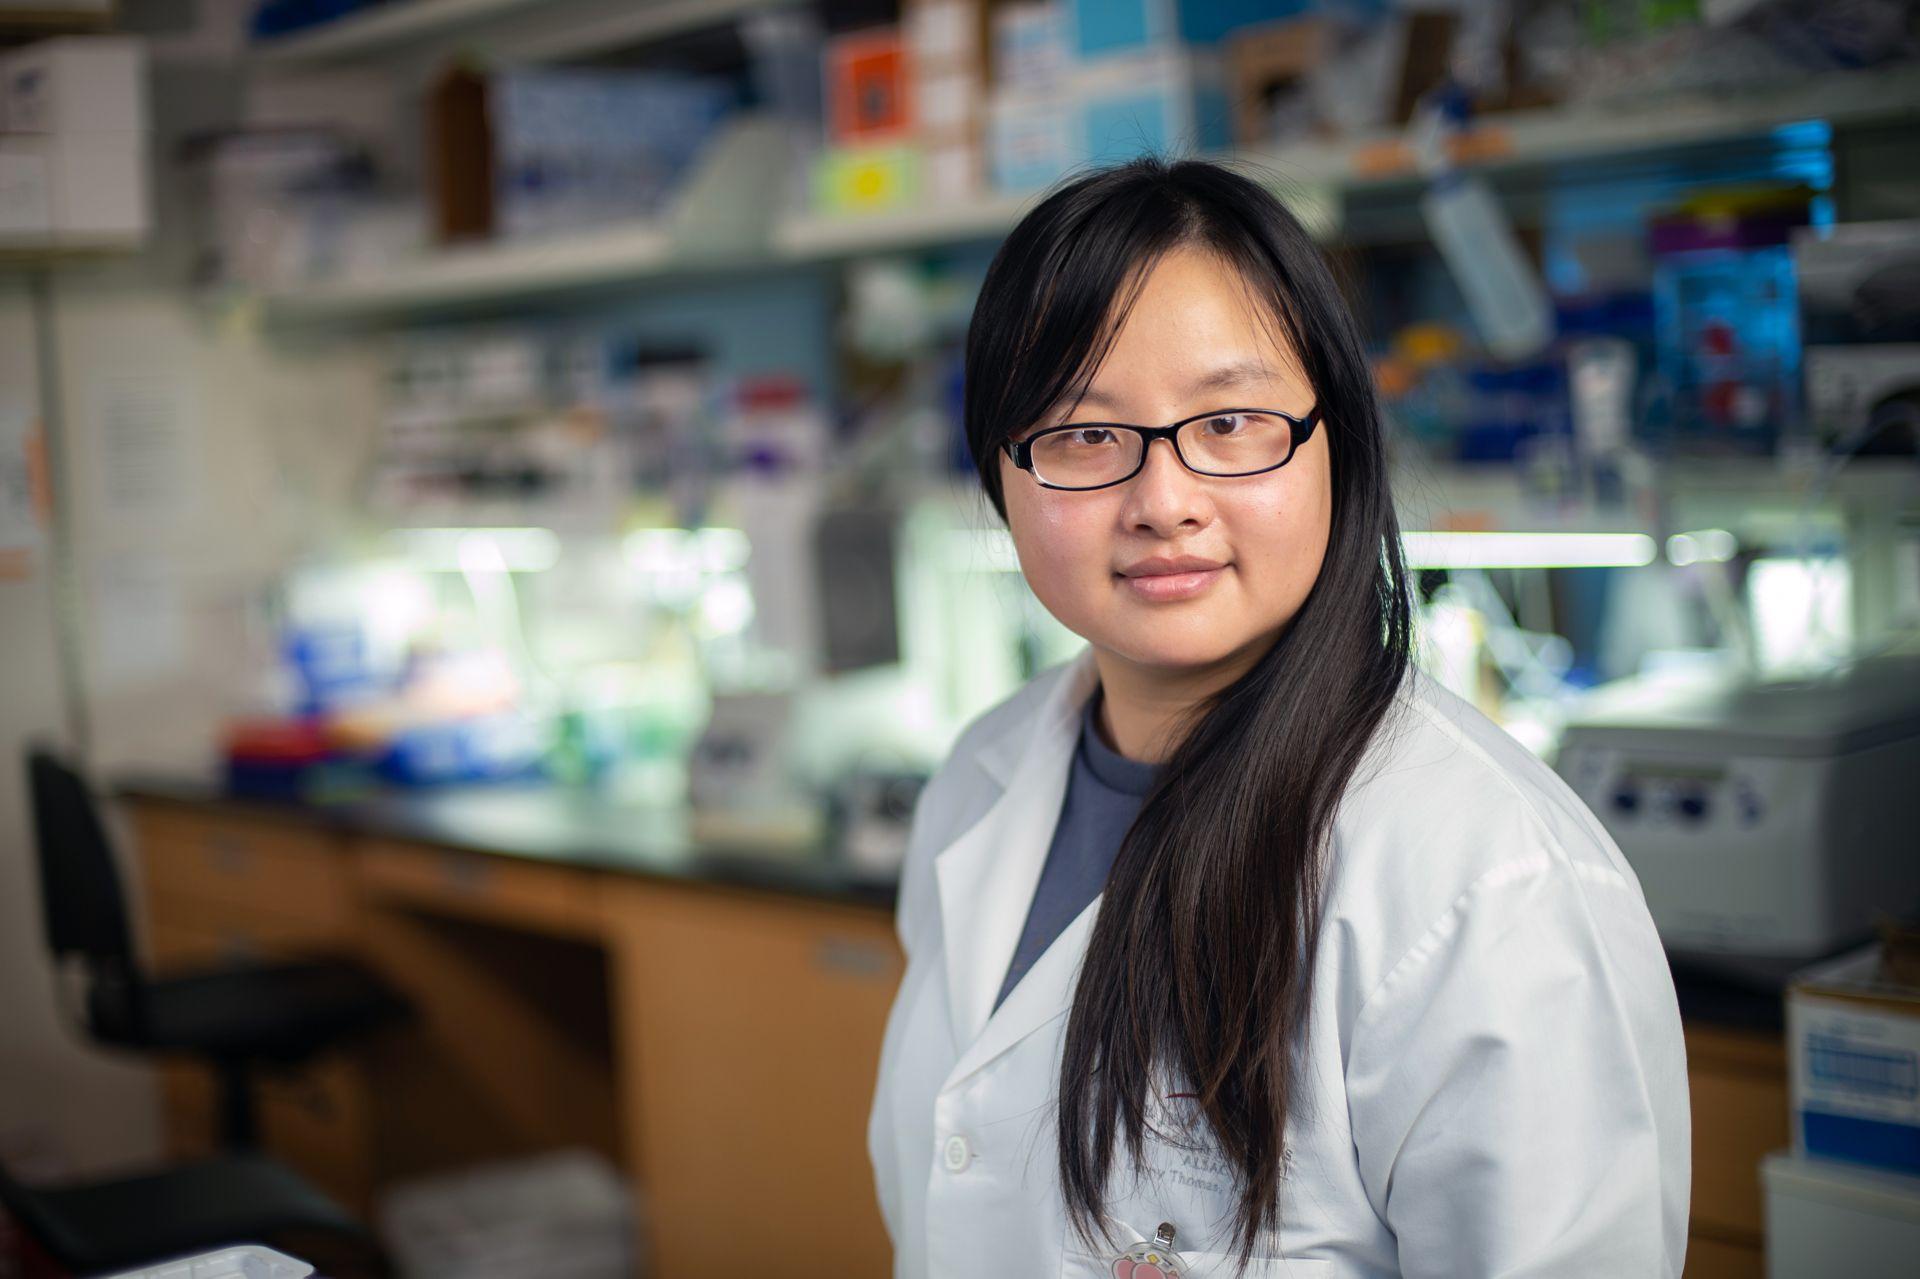 Lu Bai, PhD